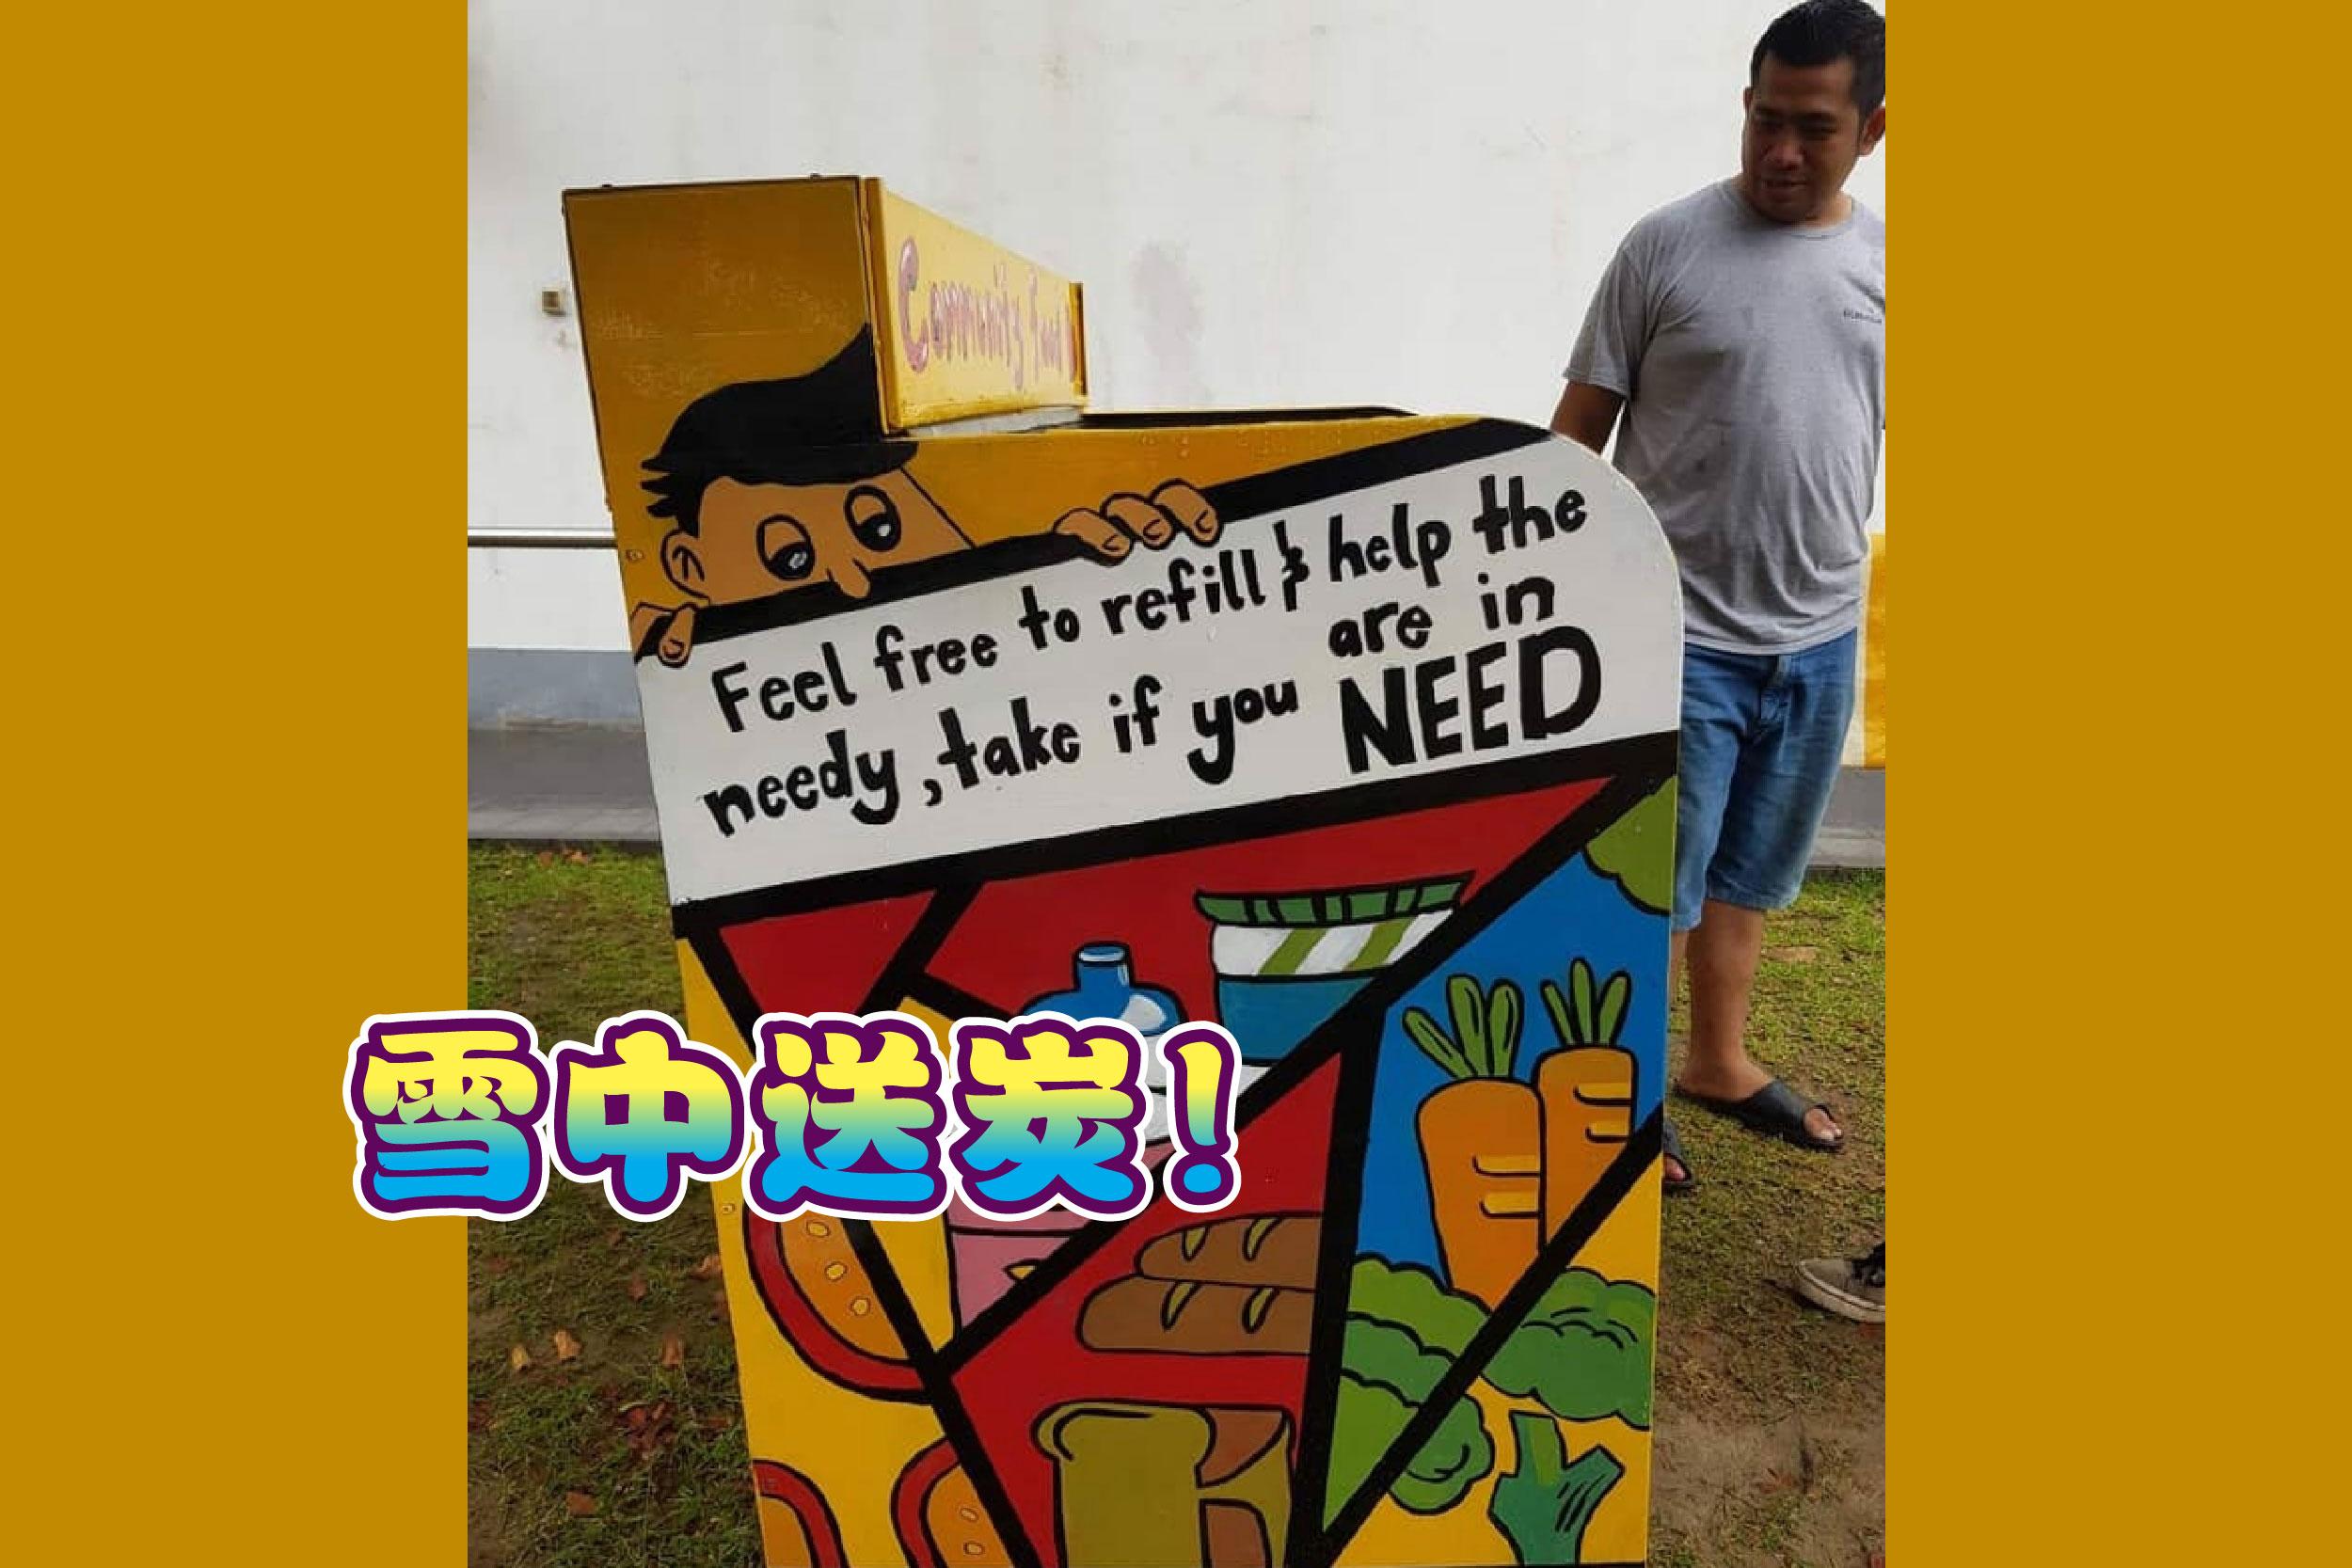 """志工组织推出了""""食物箱""""计划,来帮助那些受疫情影响已经穷得揭不开锅的弱势团体。-Alfred Samuel Mariyaras提供/精彩大马制图-"""